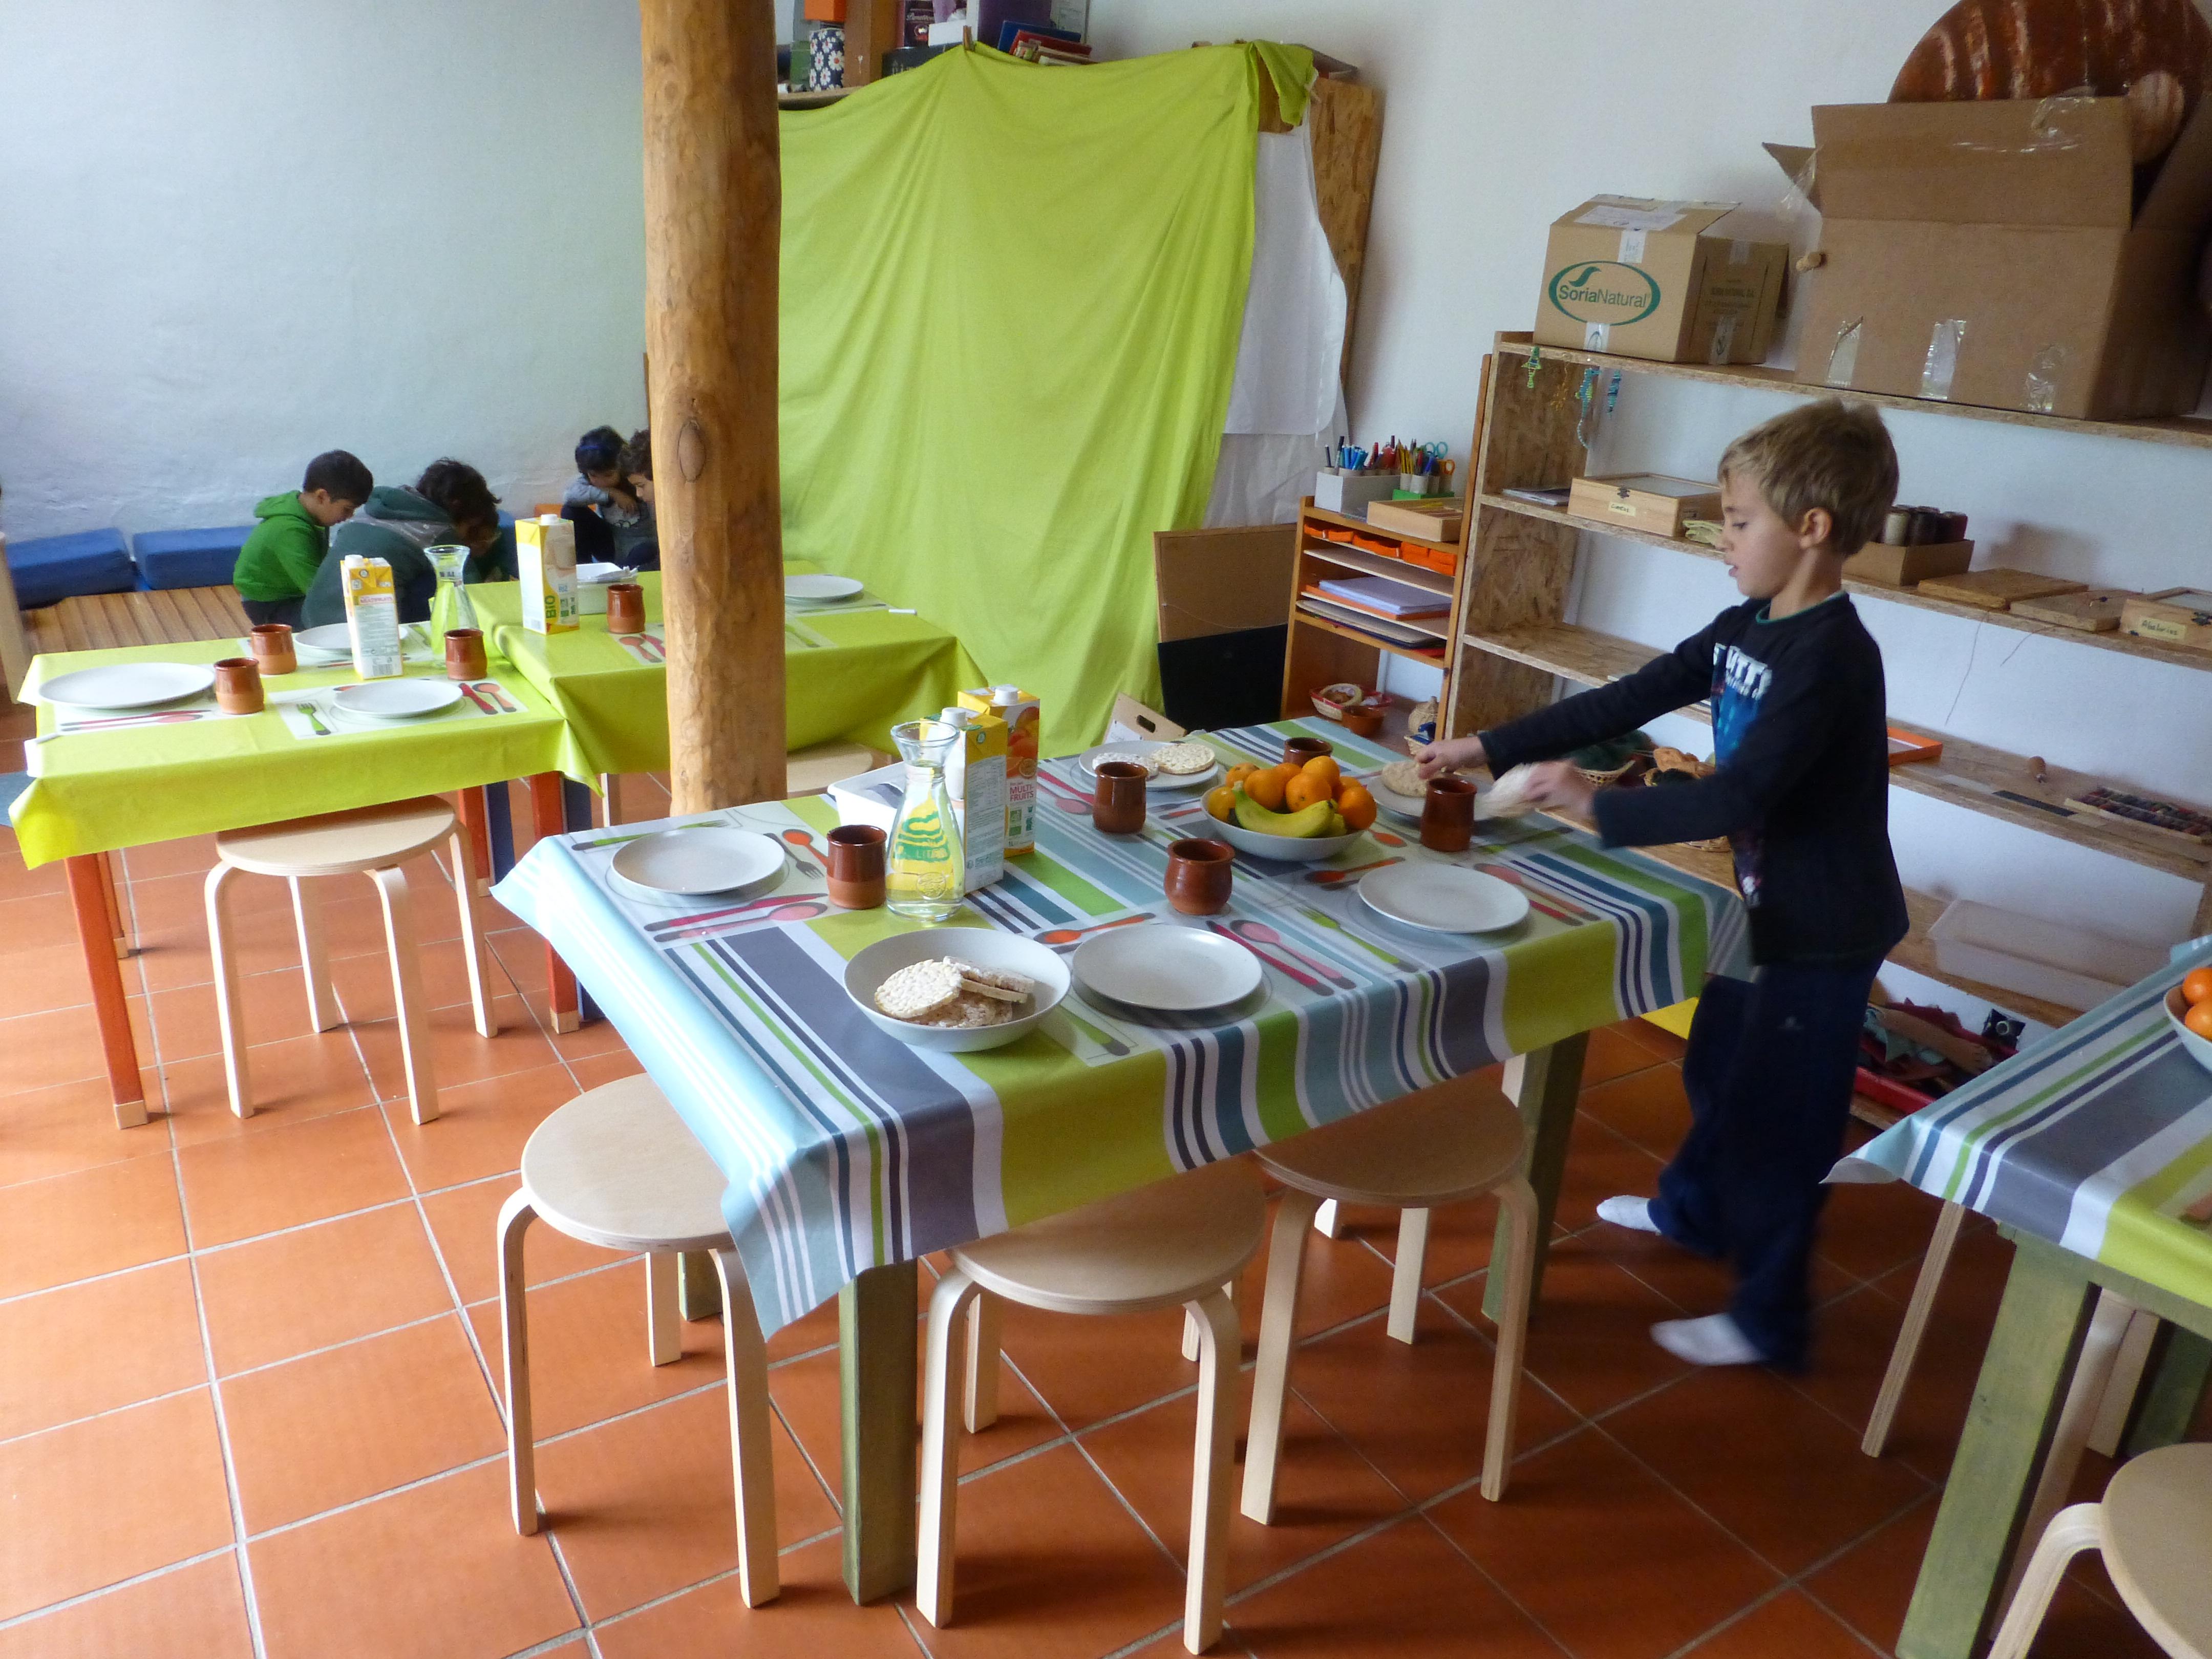 Taller aprenderlachispa for Mesa de comer